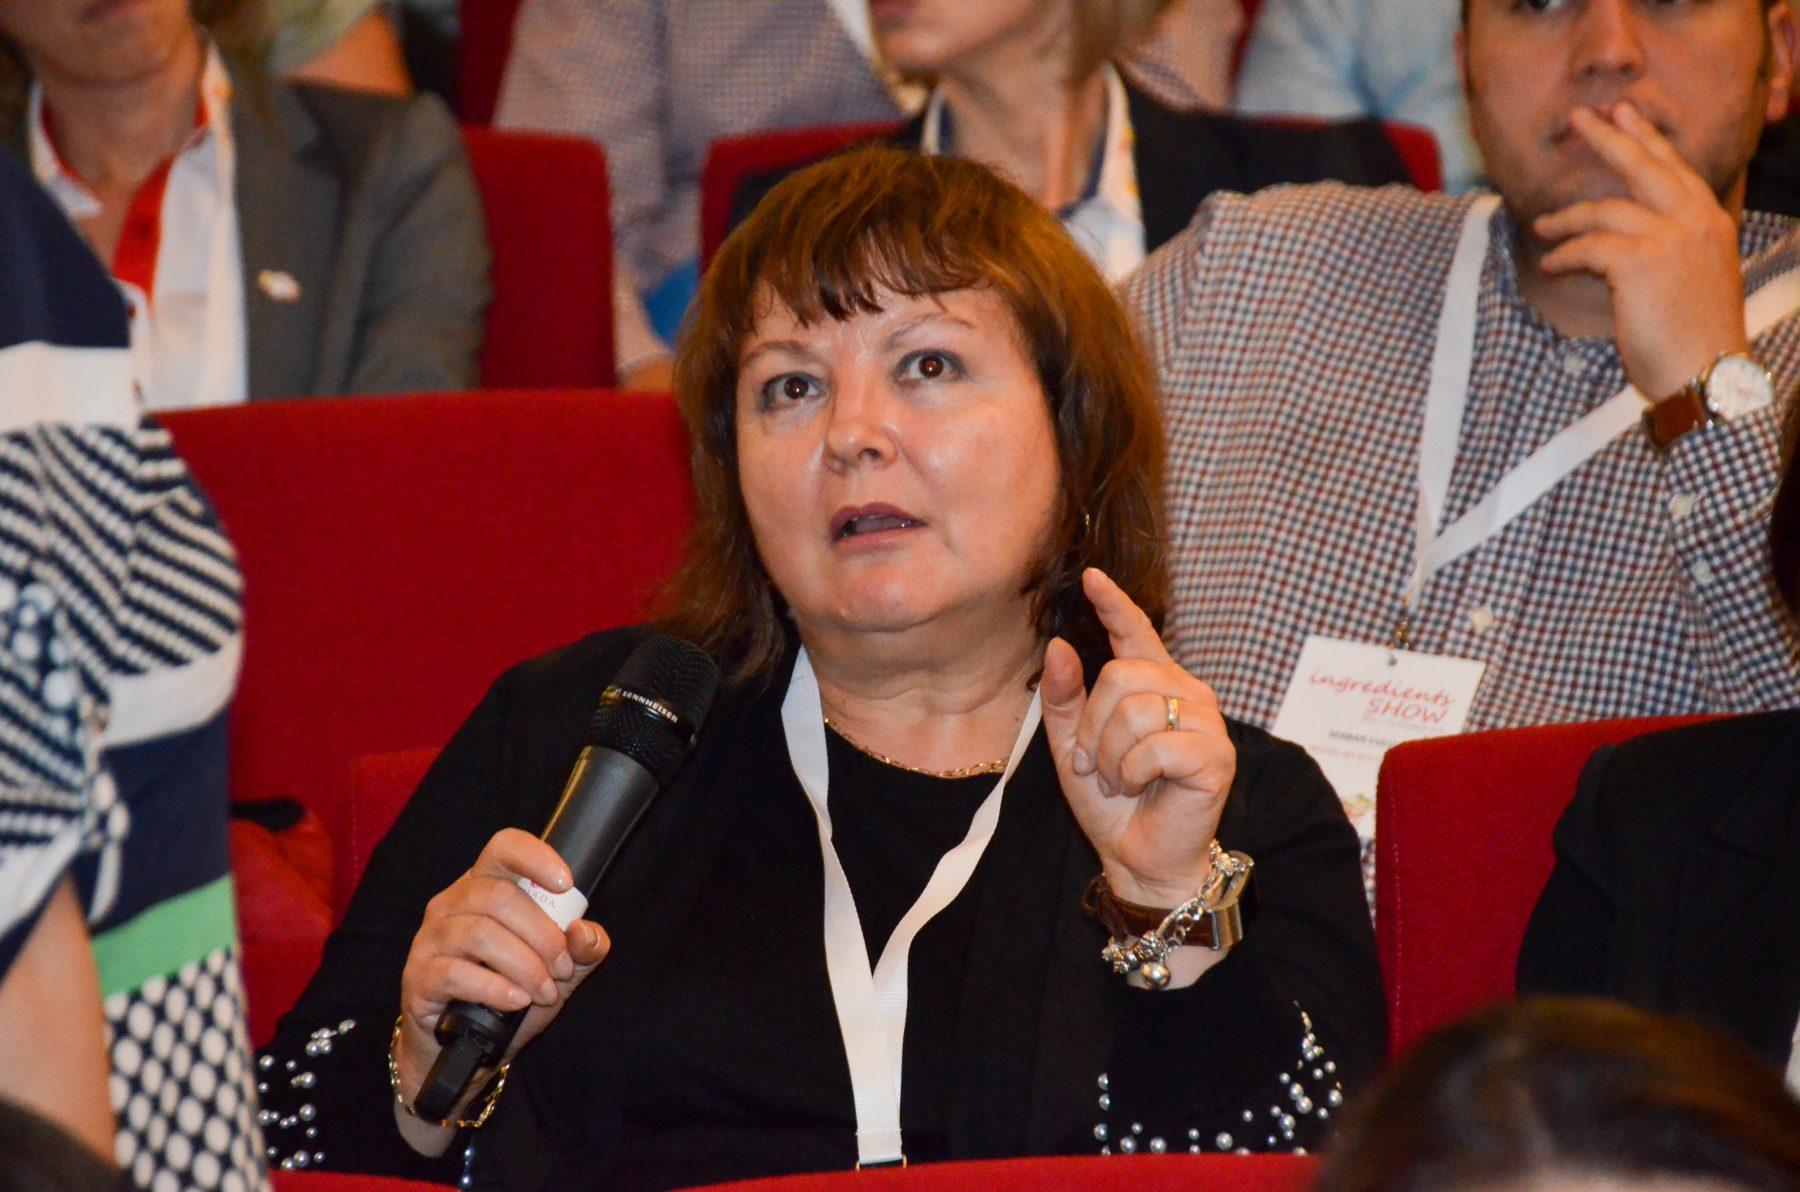 Nastasia Belc